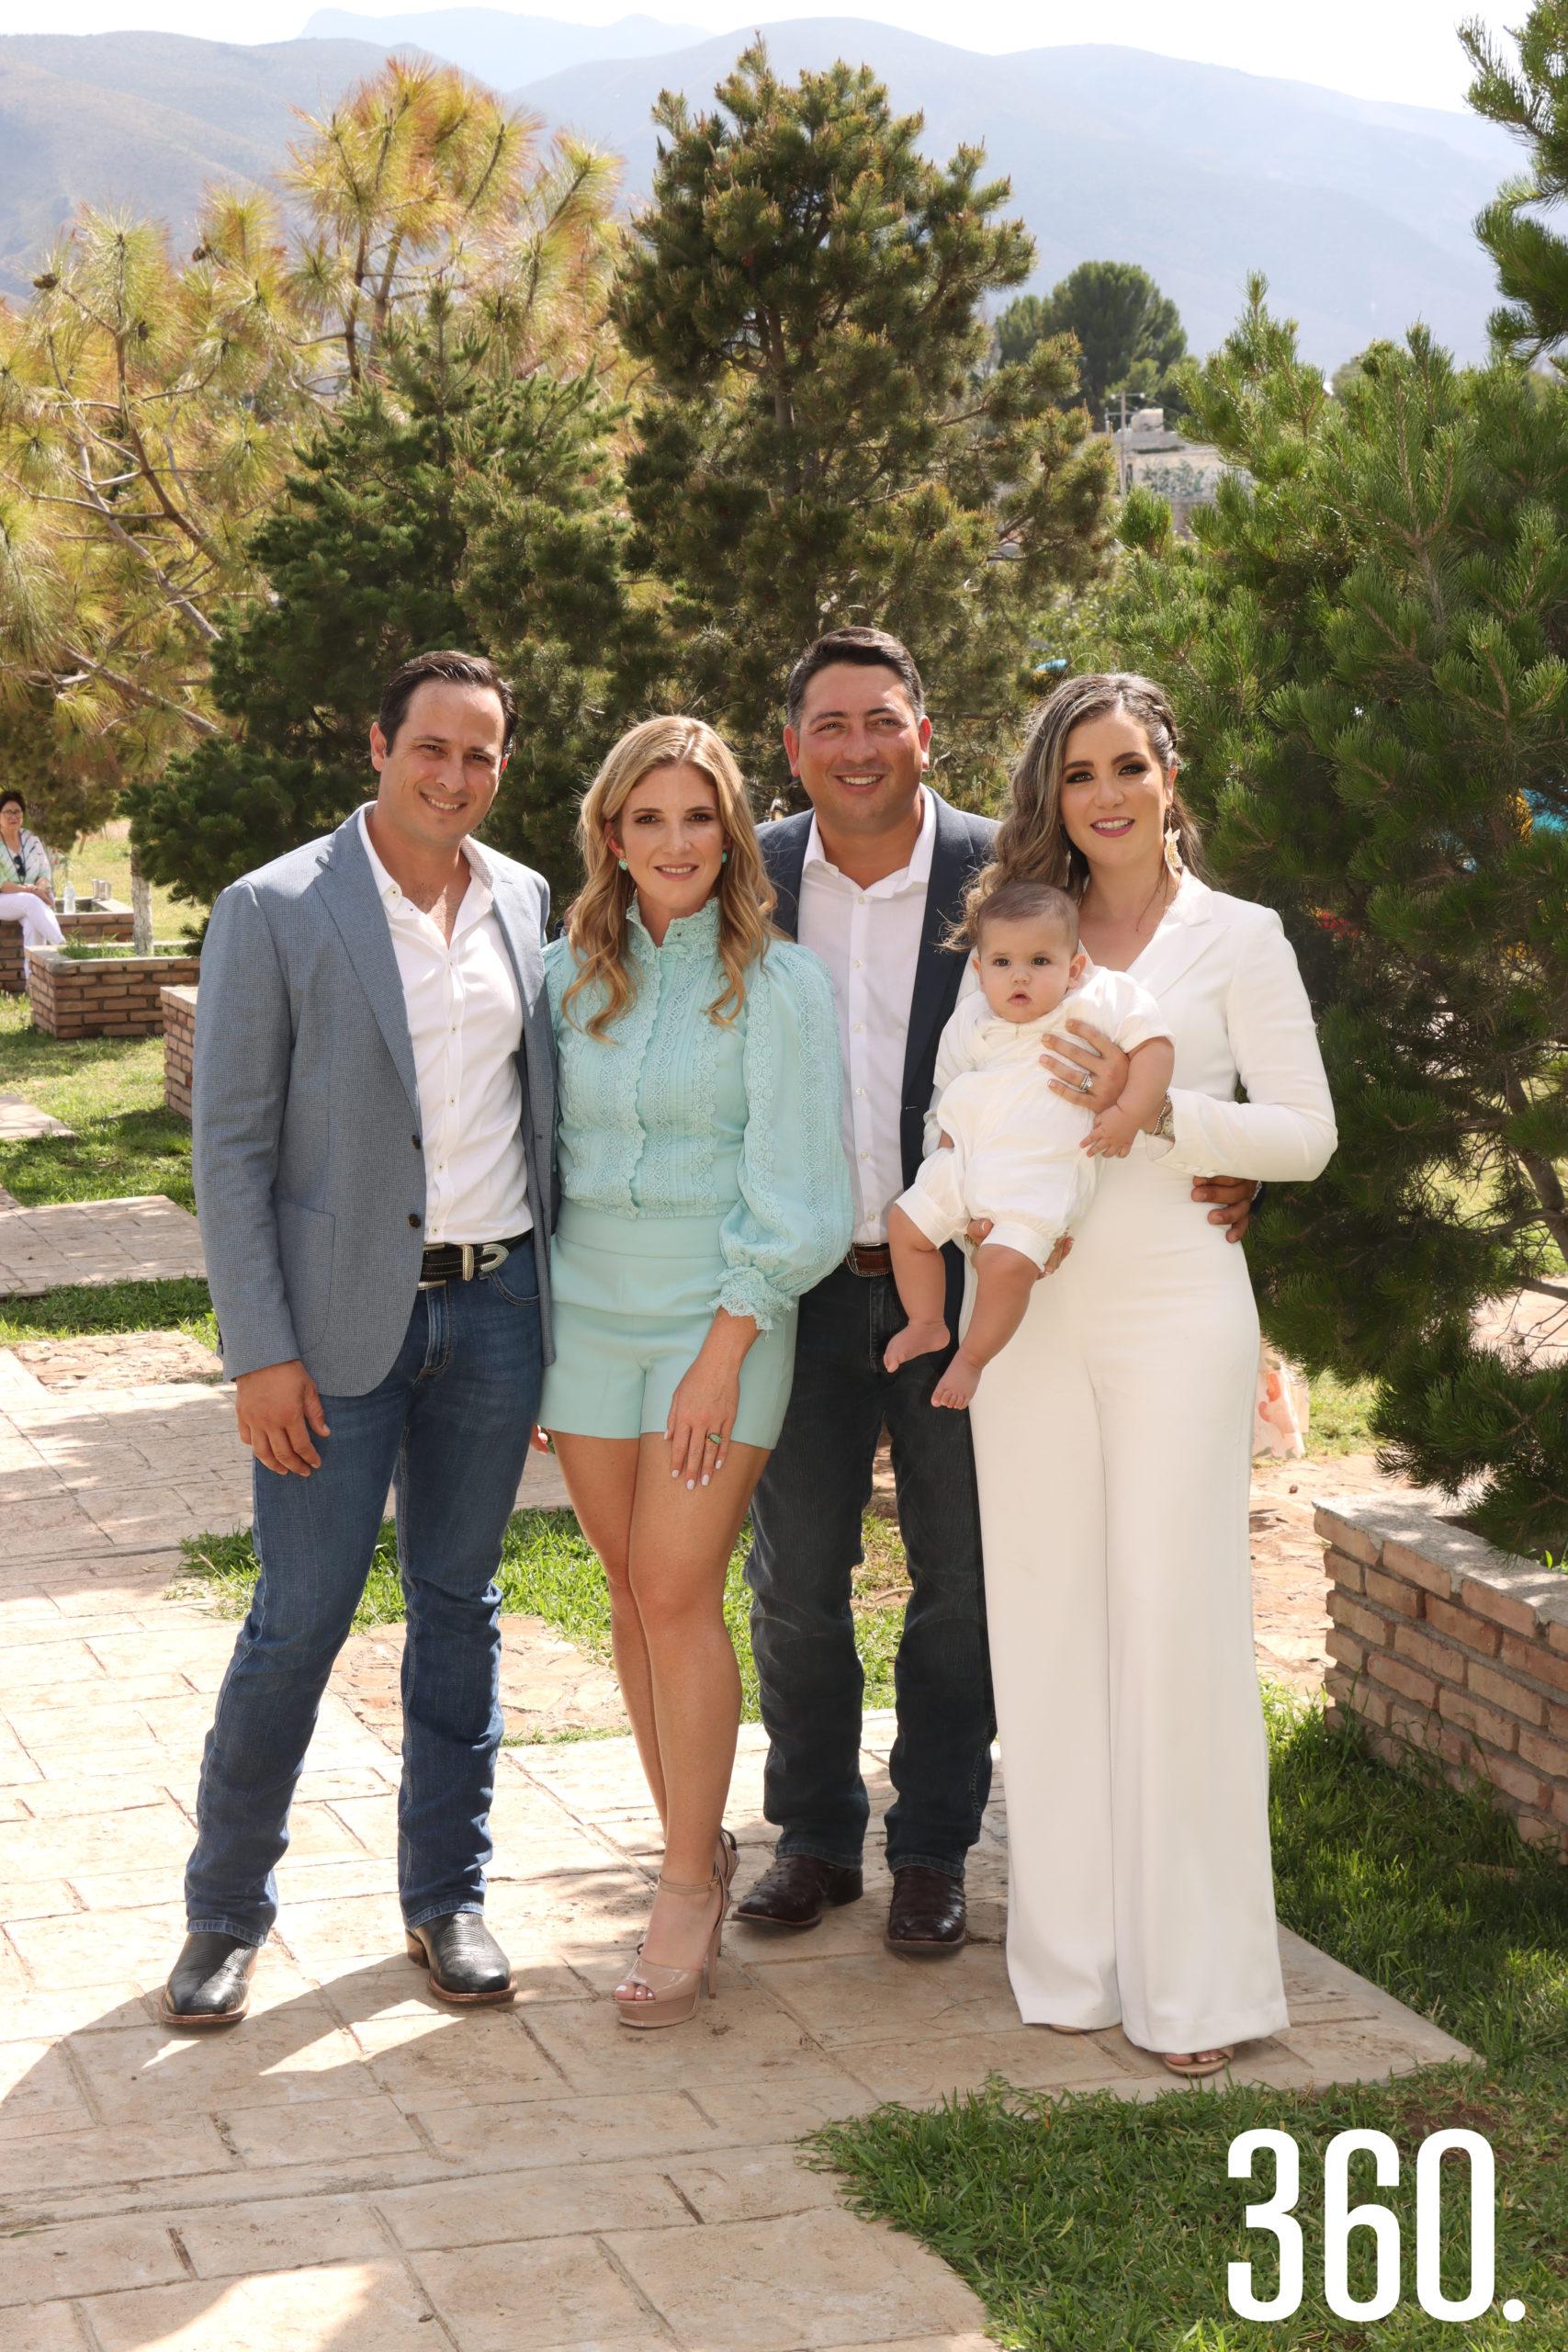 Andrés acompañado por sus padrinos, Karim Talamás Arsuaga y Carmen Veccini, y sus padres Guillermo Prado Concha y Diana Ayala Arrizon.